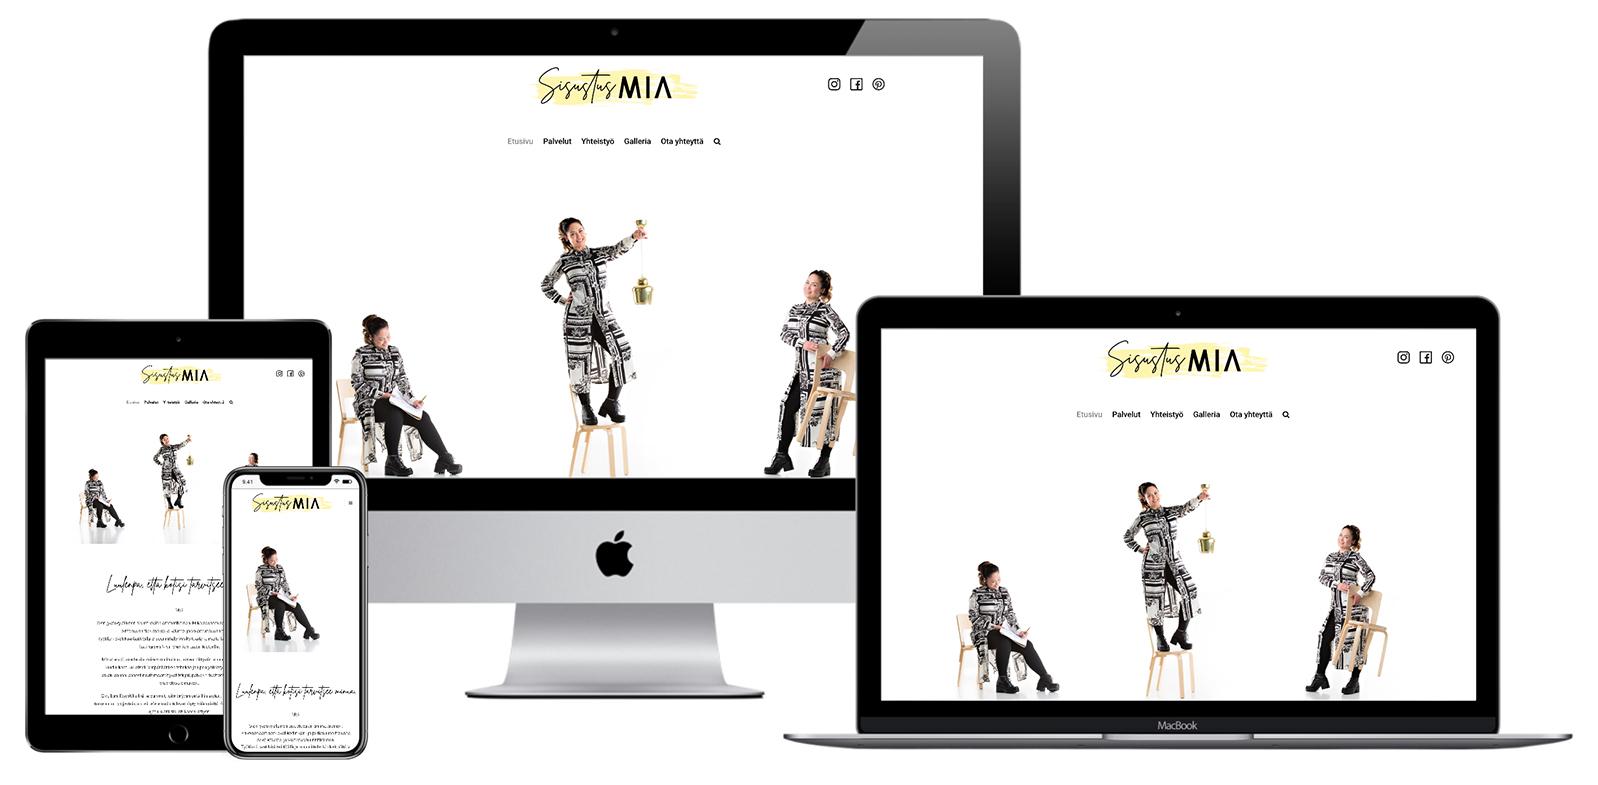 SisustusMia - Verkkosivu kuvattu eri laitteilla